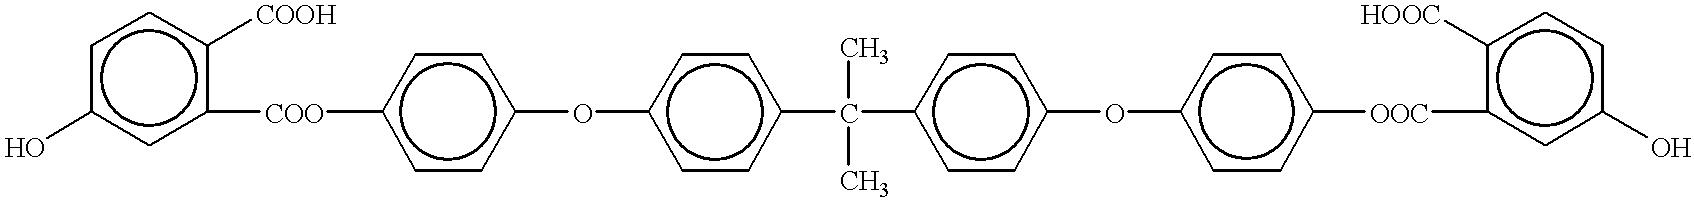 Figure US06180560-20010130-C00258